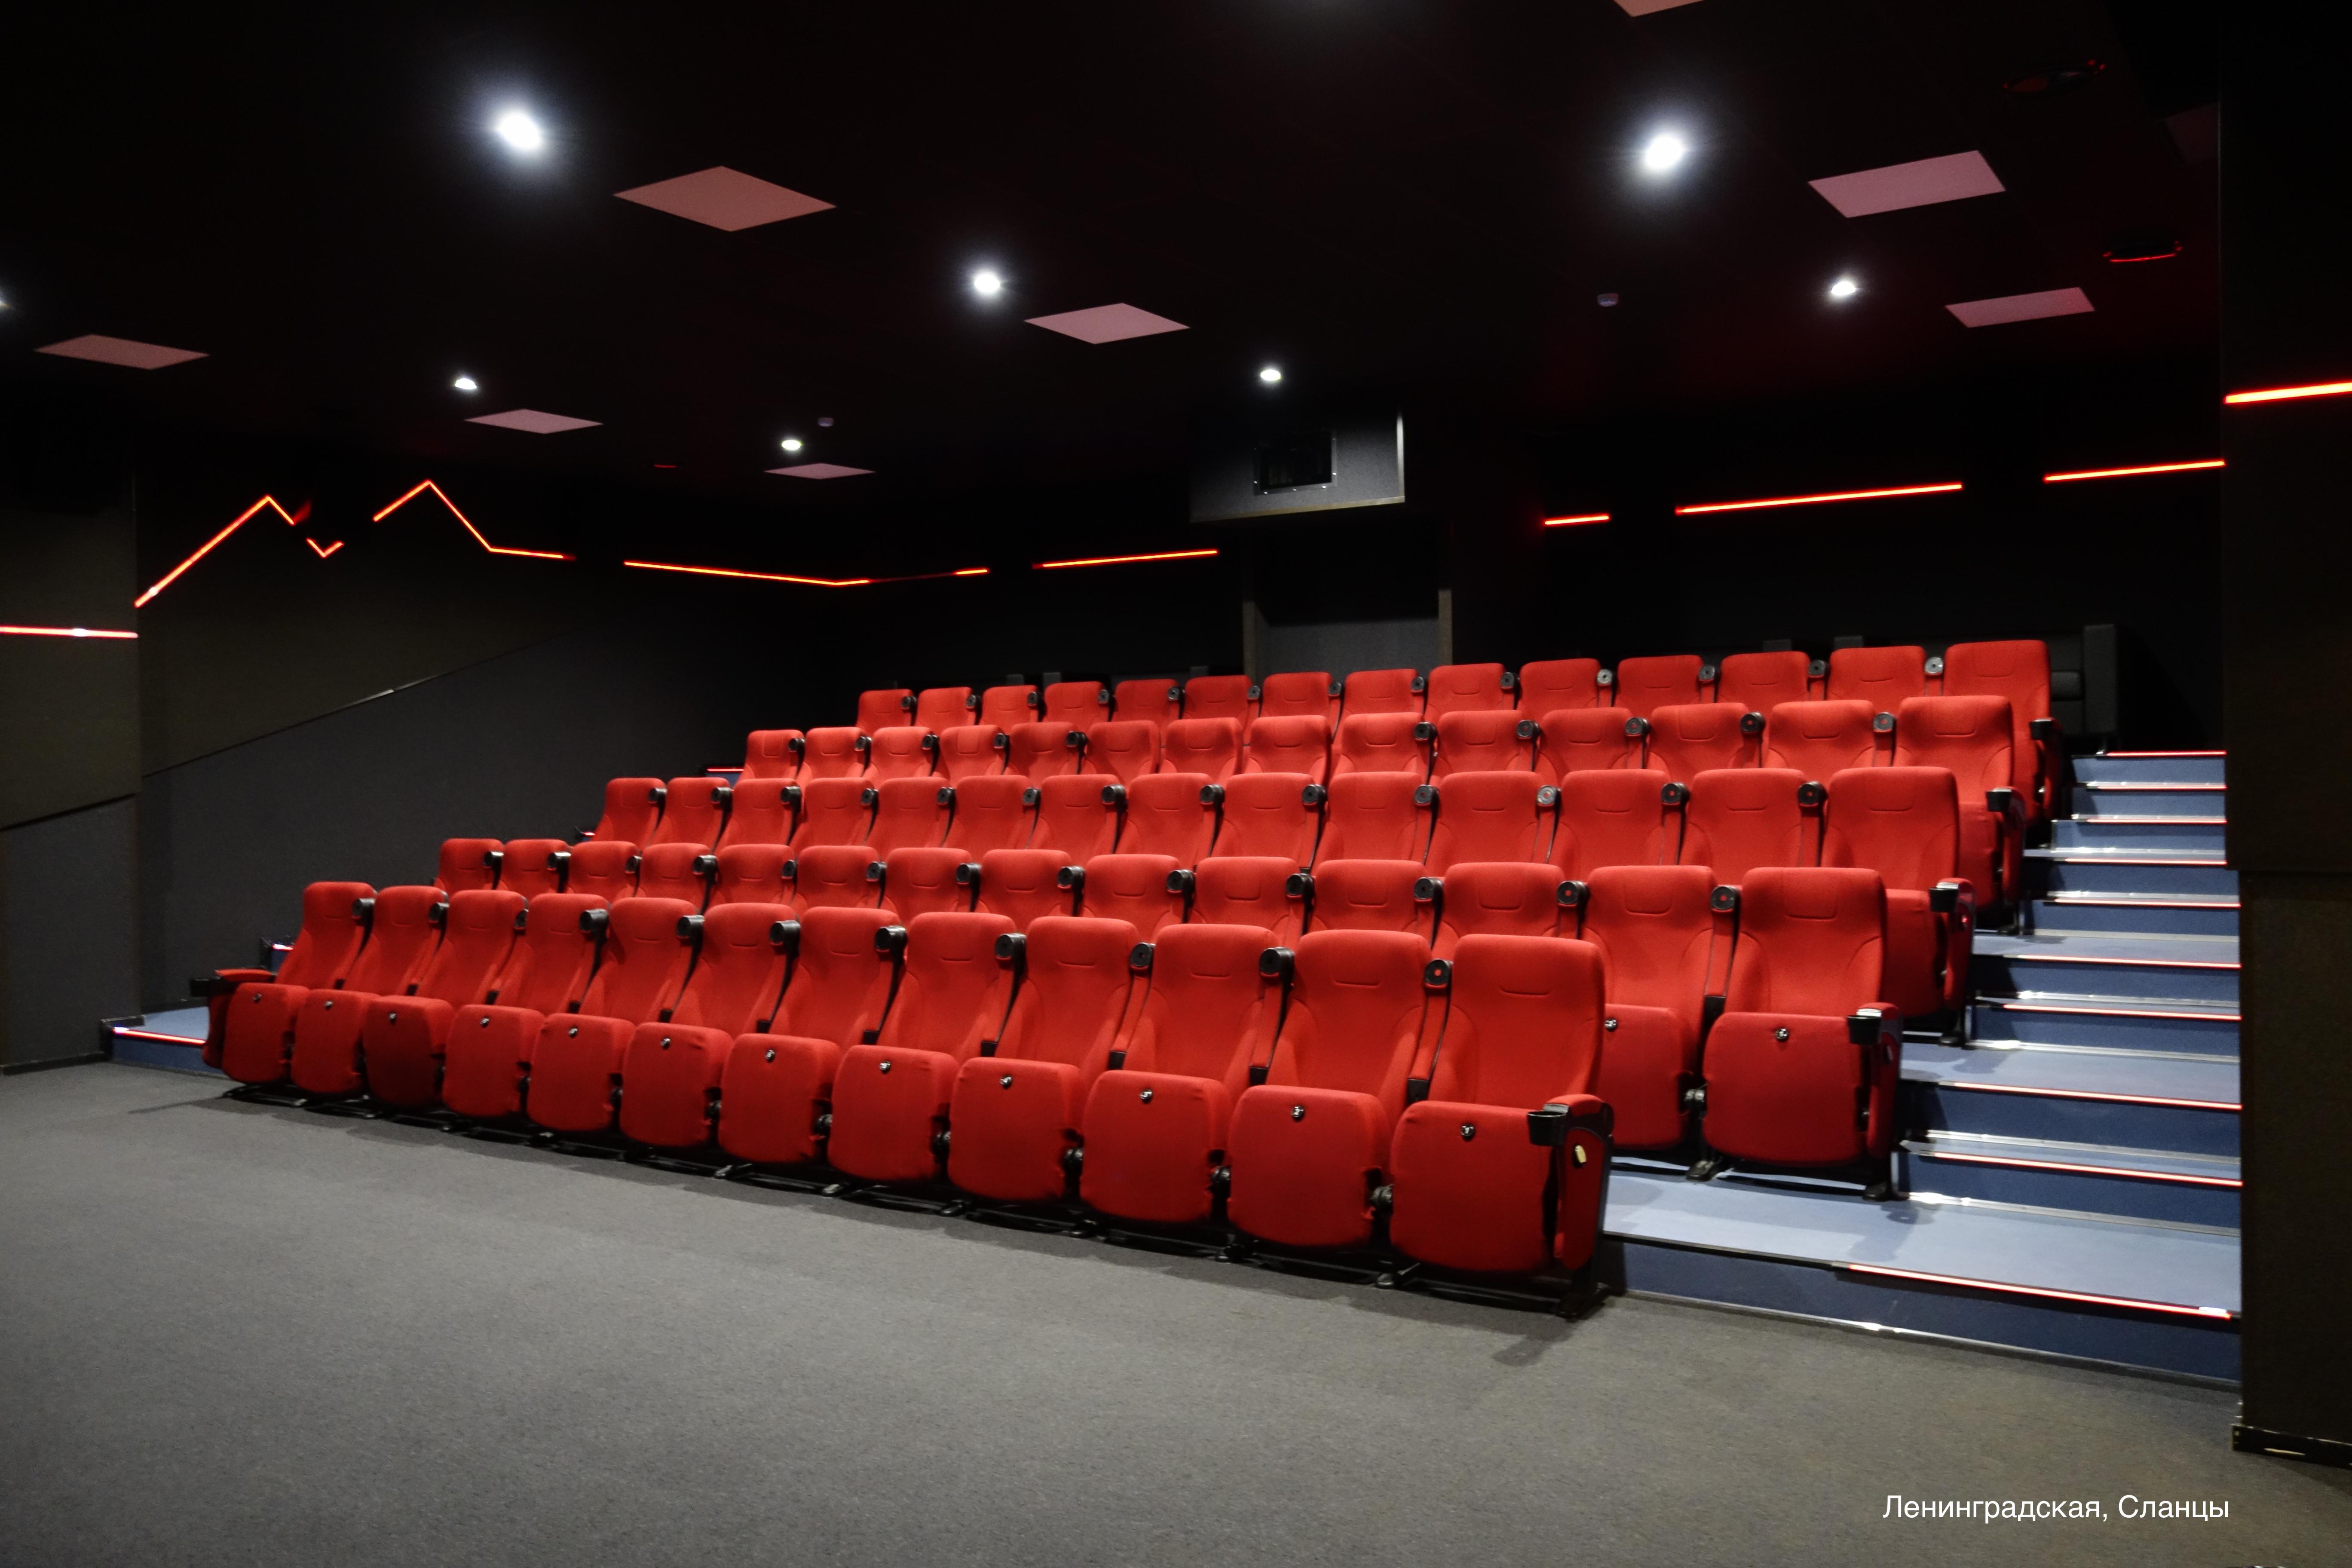 Фонд кино в 2020 году поддержит 61 кинозал в населенных пунктах Российской Федерации